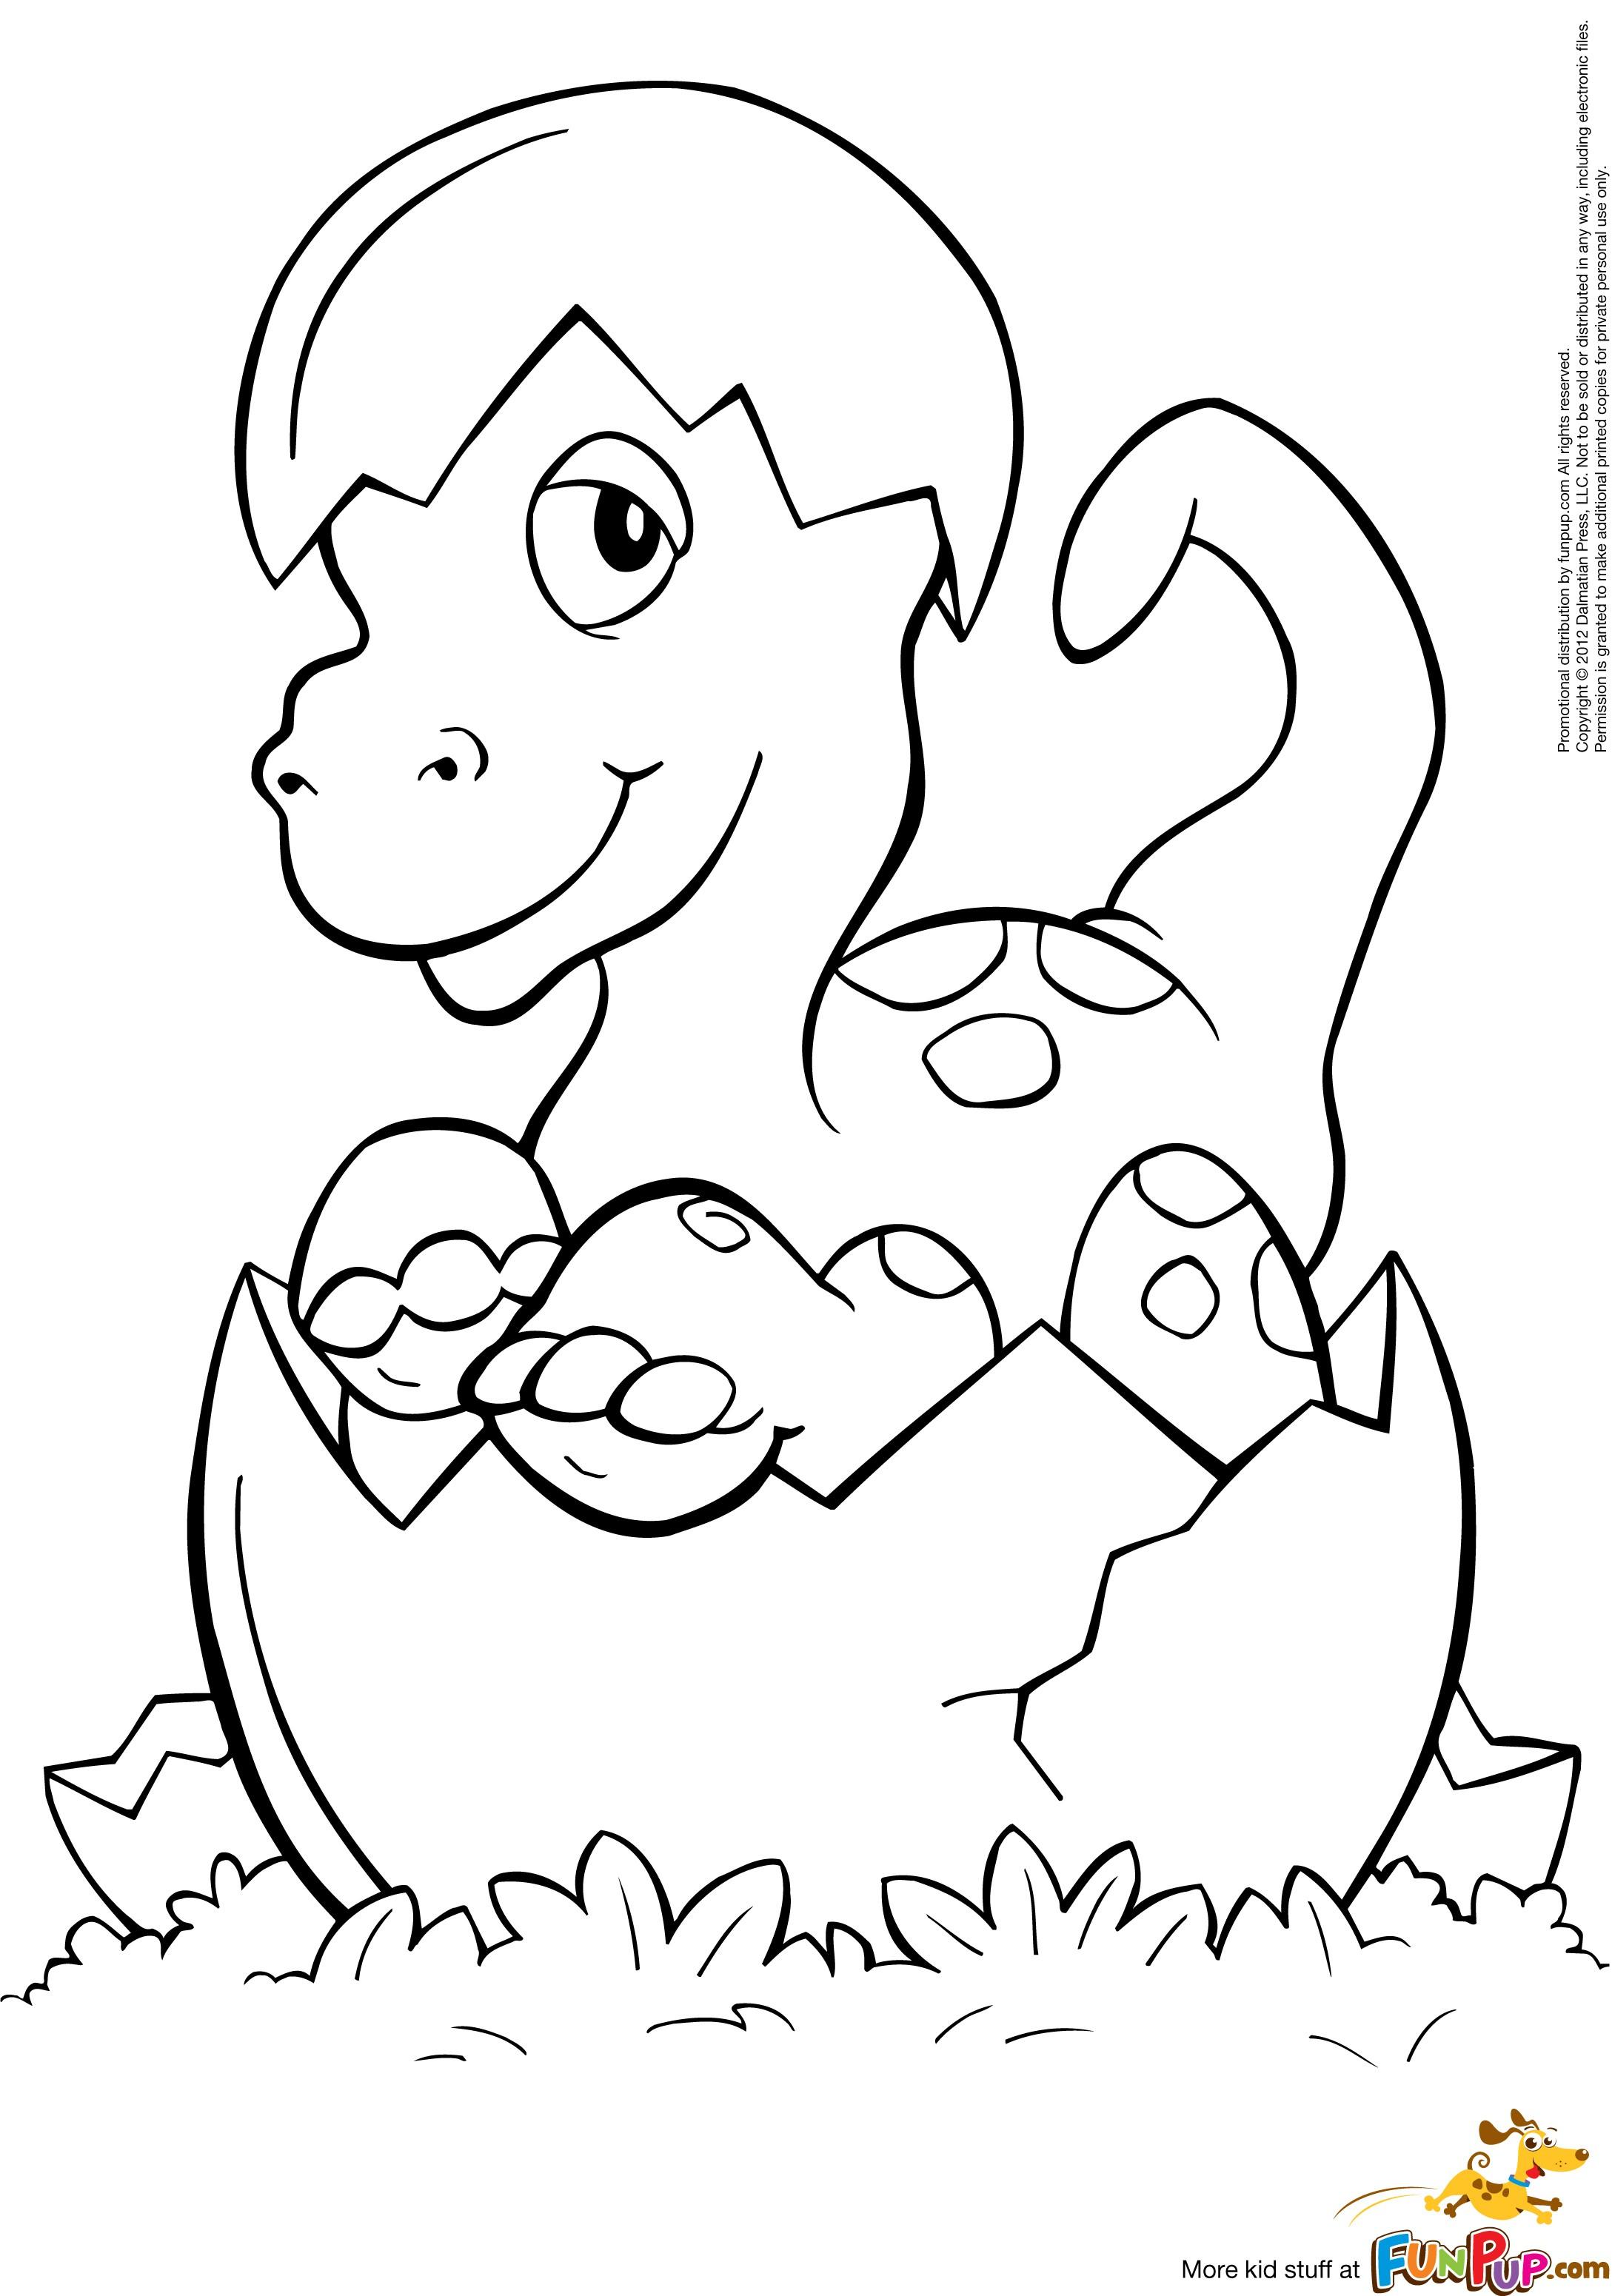 cute baby dinosaur coloring pages comfortable tegninger som barn kan fargelegge skriv ut og coloring baby dinosaur cute pages